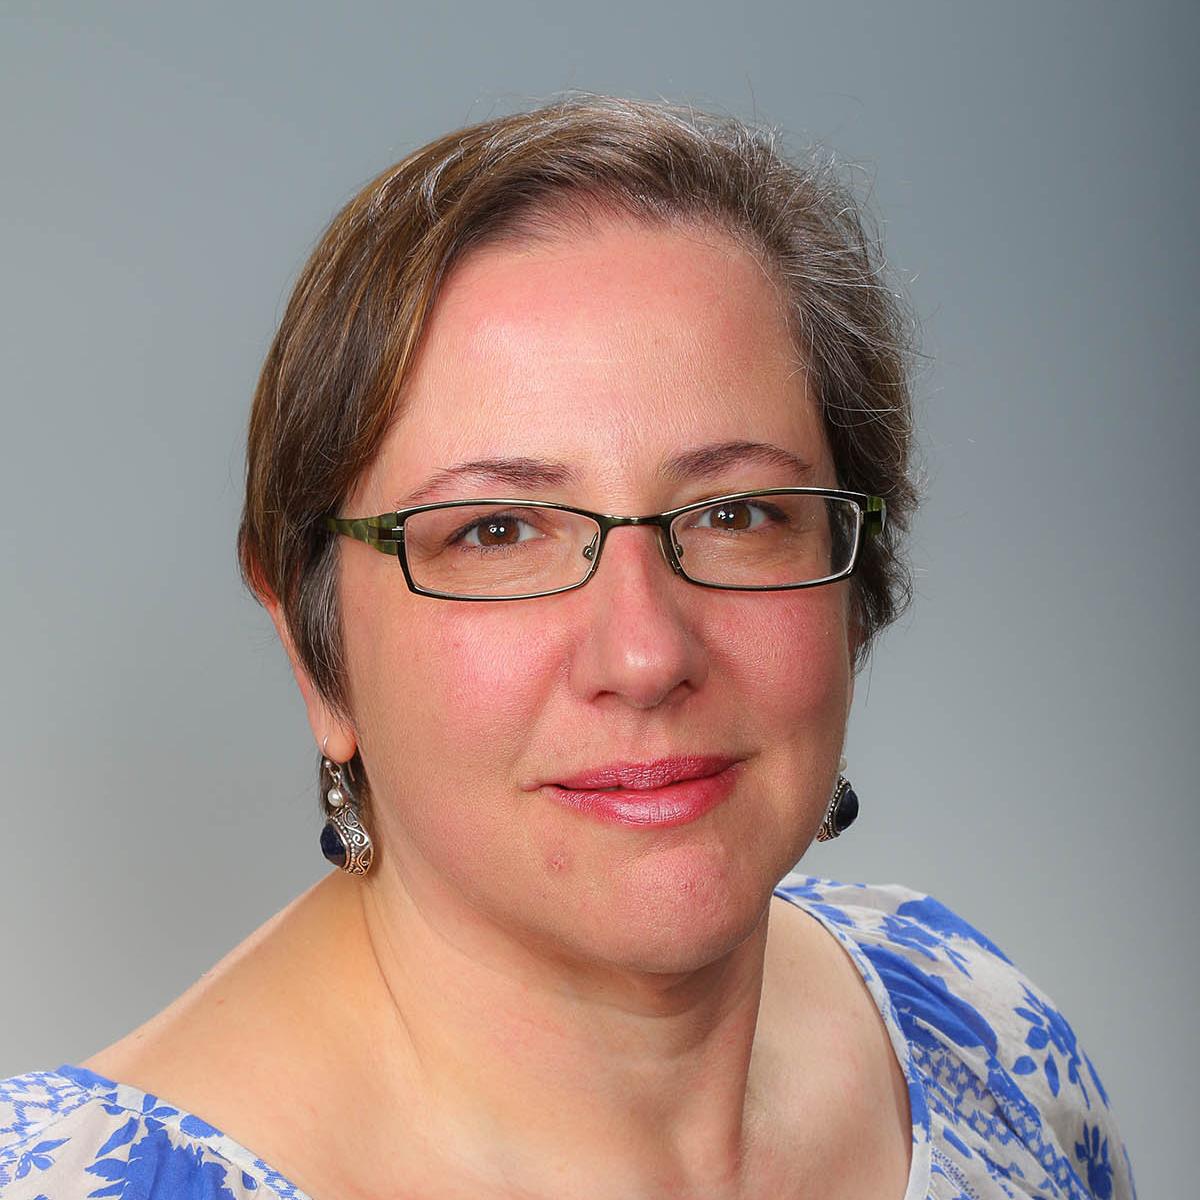 Stephanie DiPetrillo